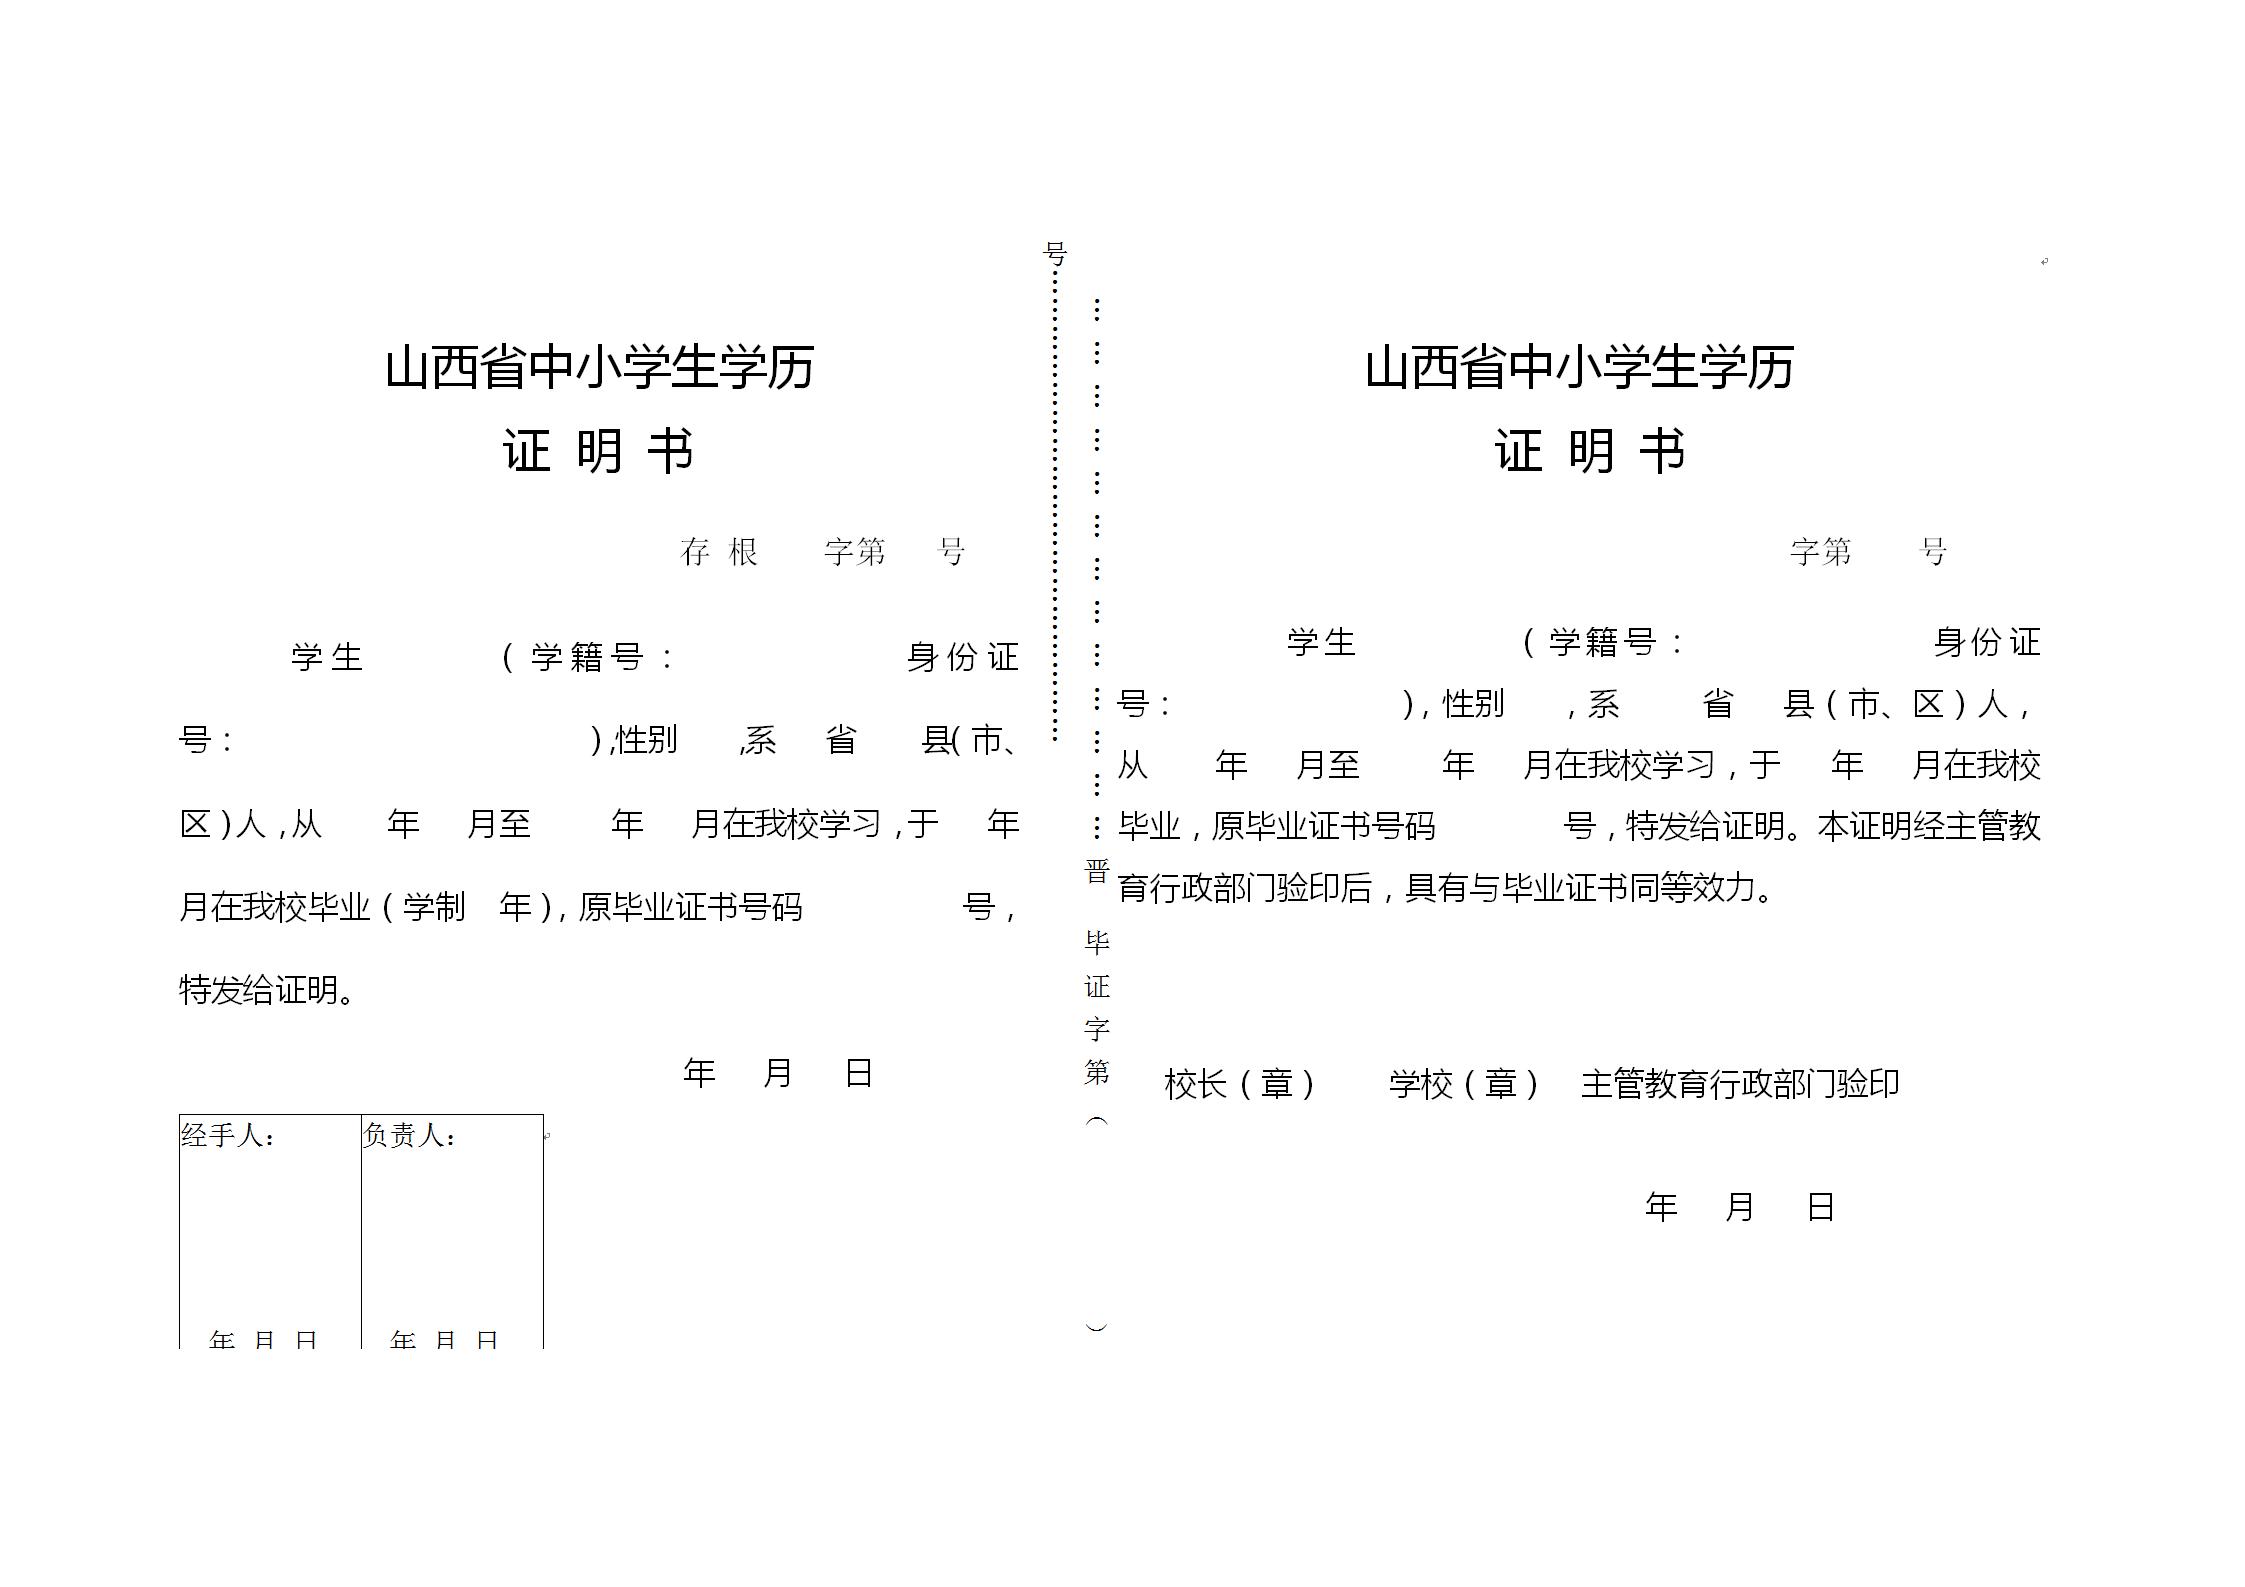 附件8.山西省中小学生学历证明书式样_01.png